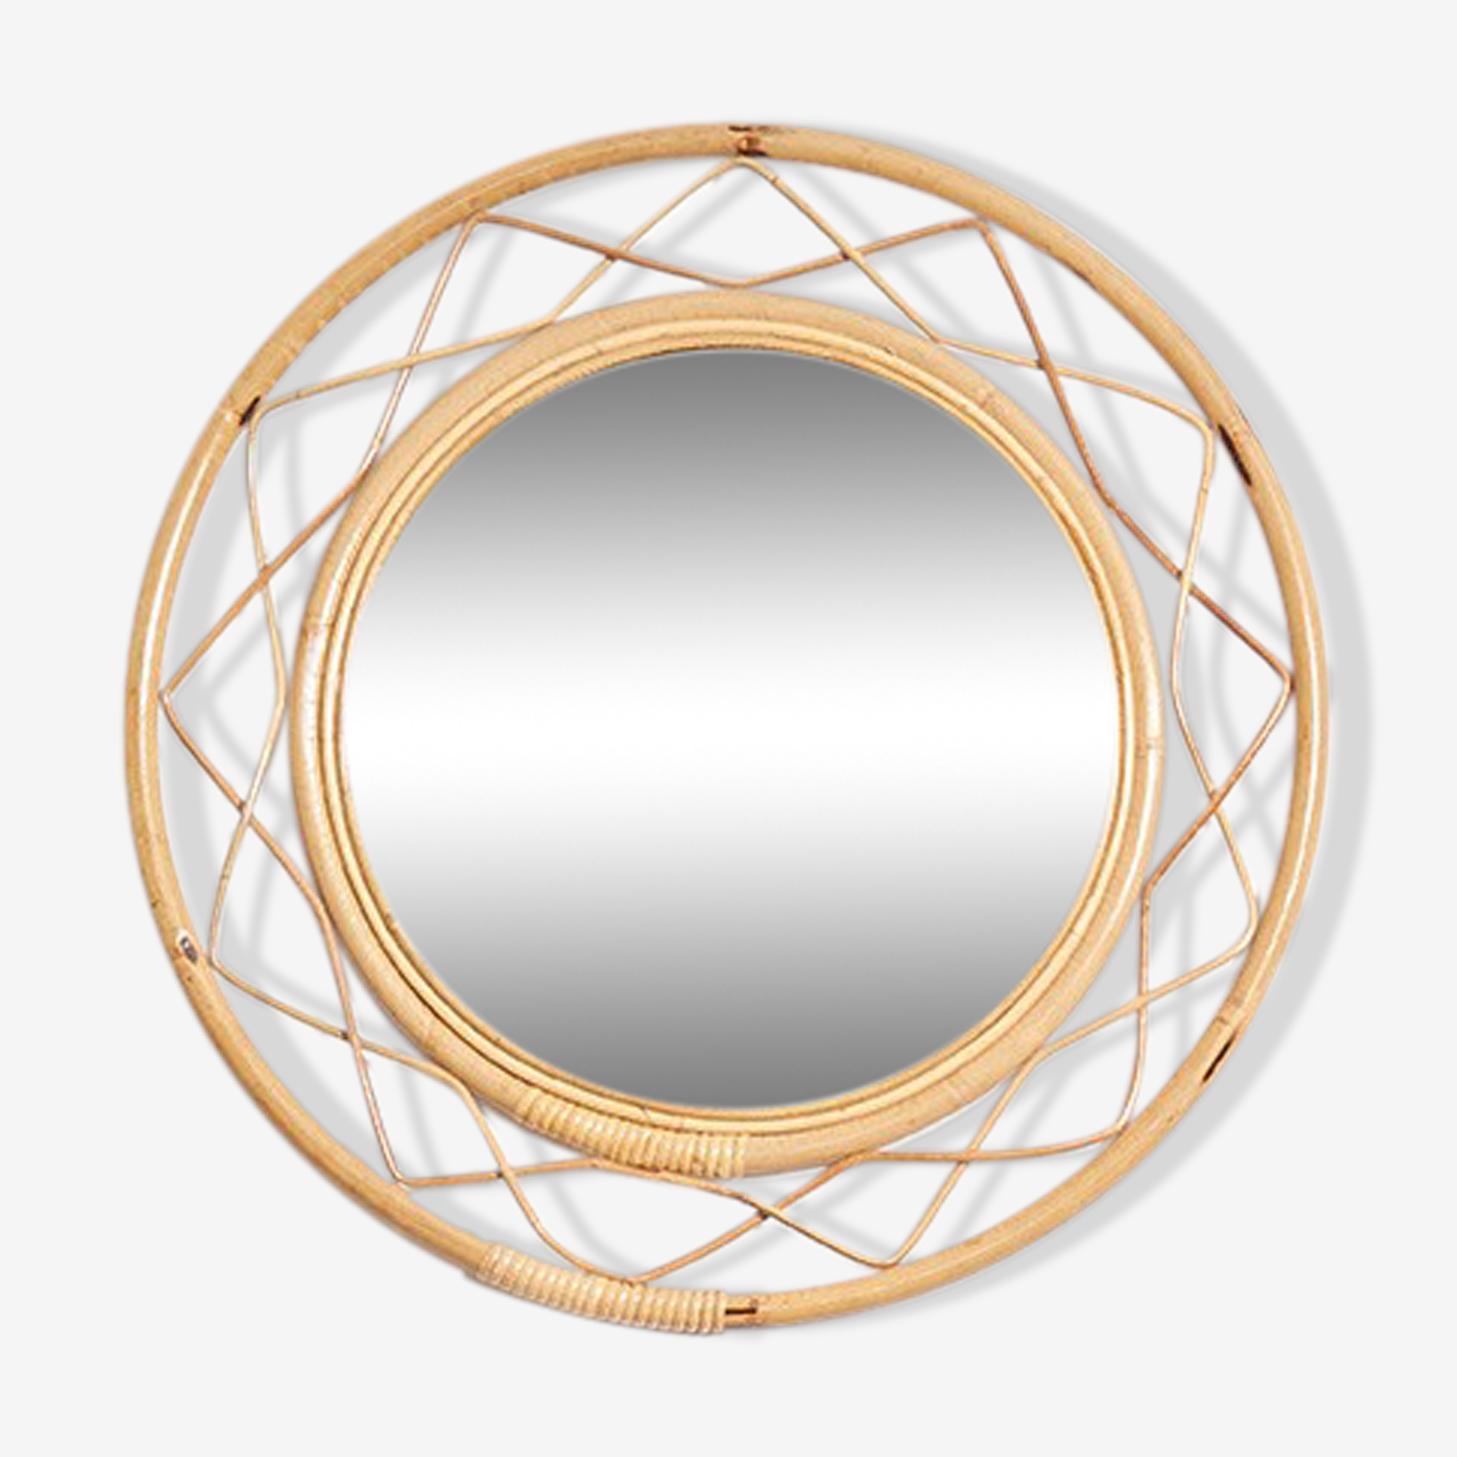 Mirror round rattan 1950 - 63,5x63,5cm